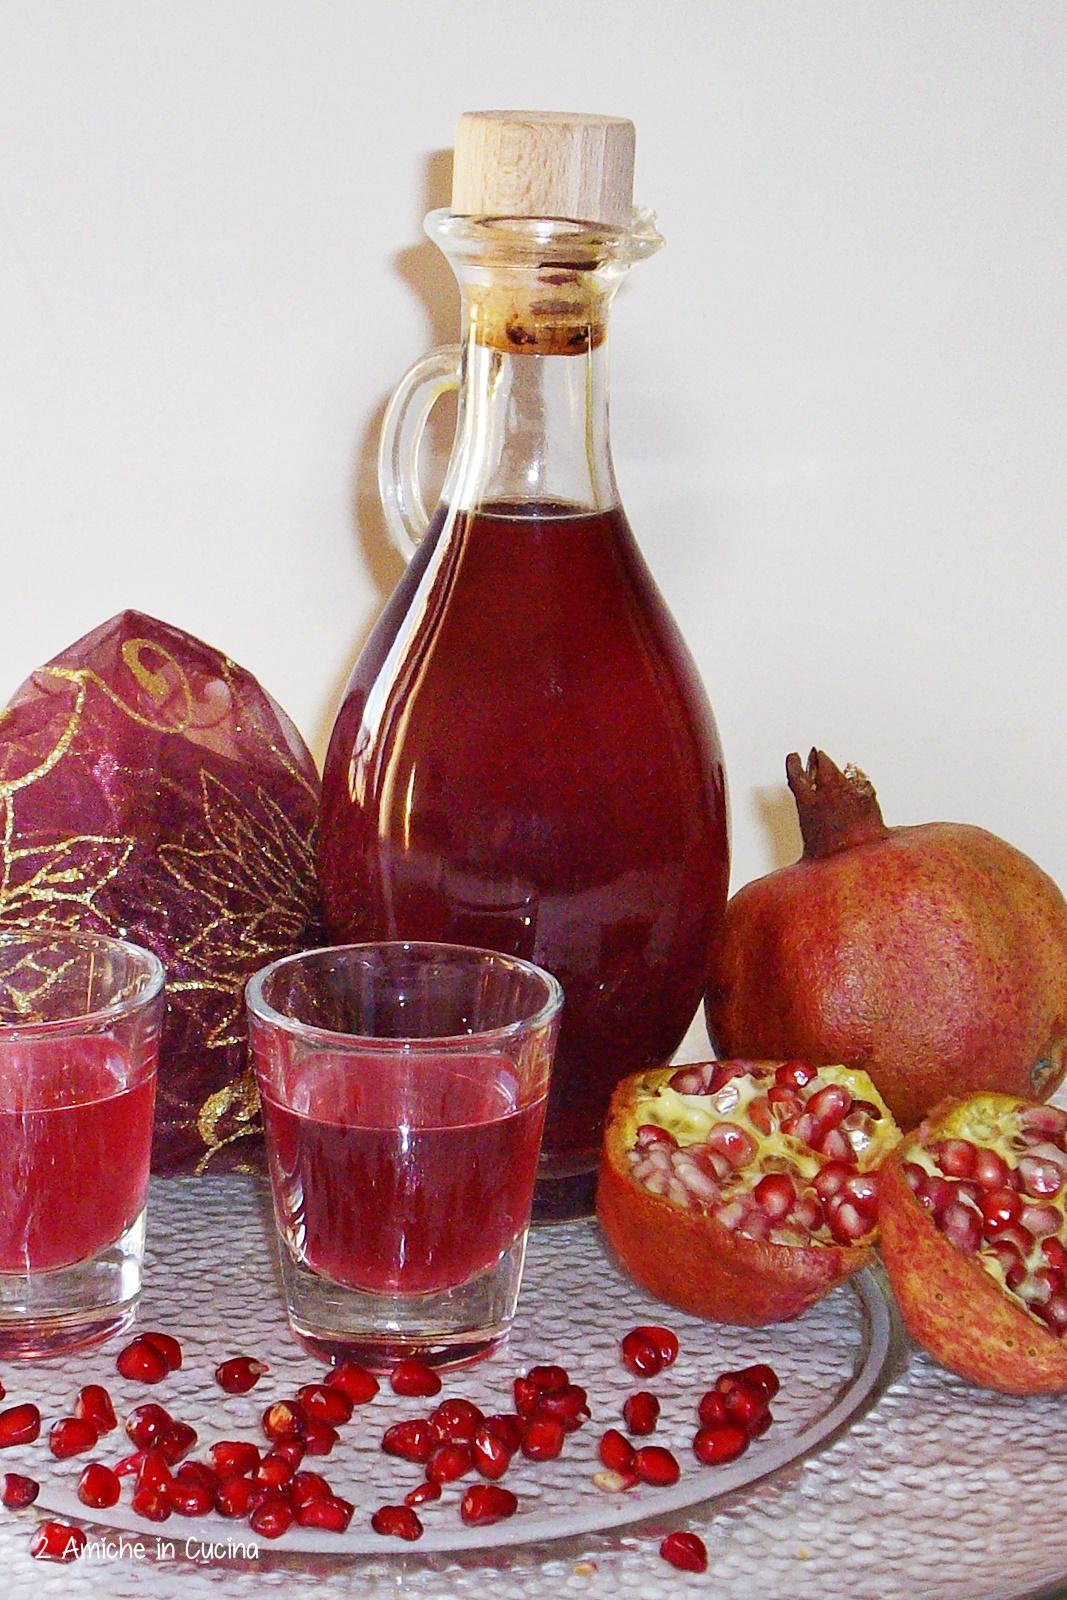 liquore alla melagrana - liquori fatti in casa